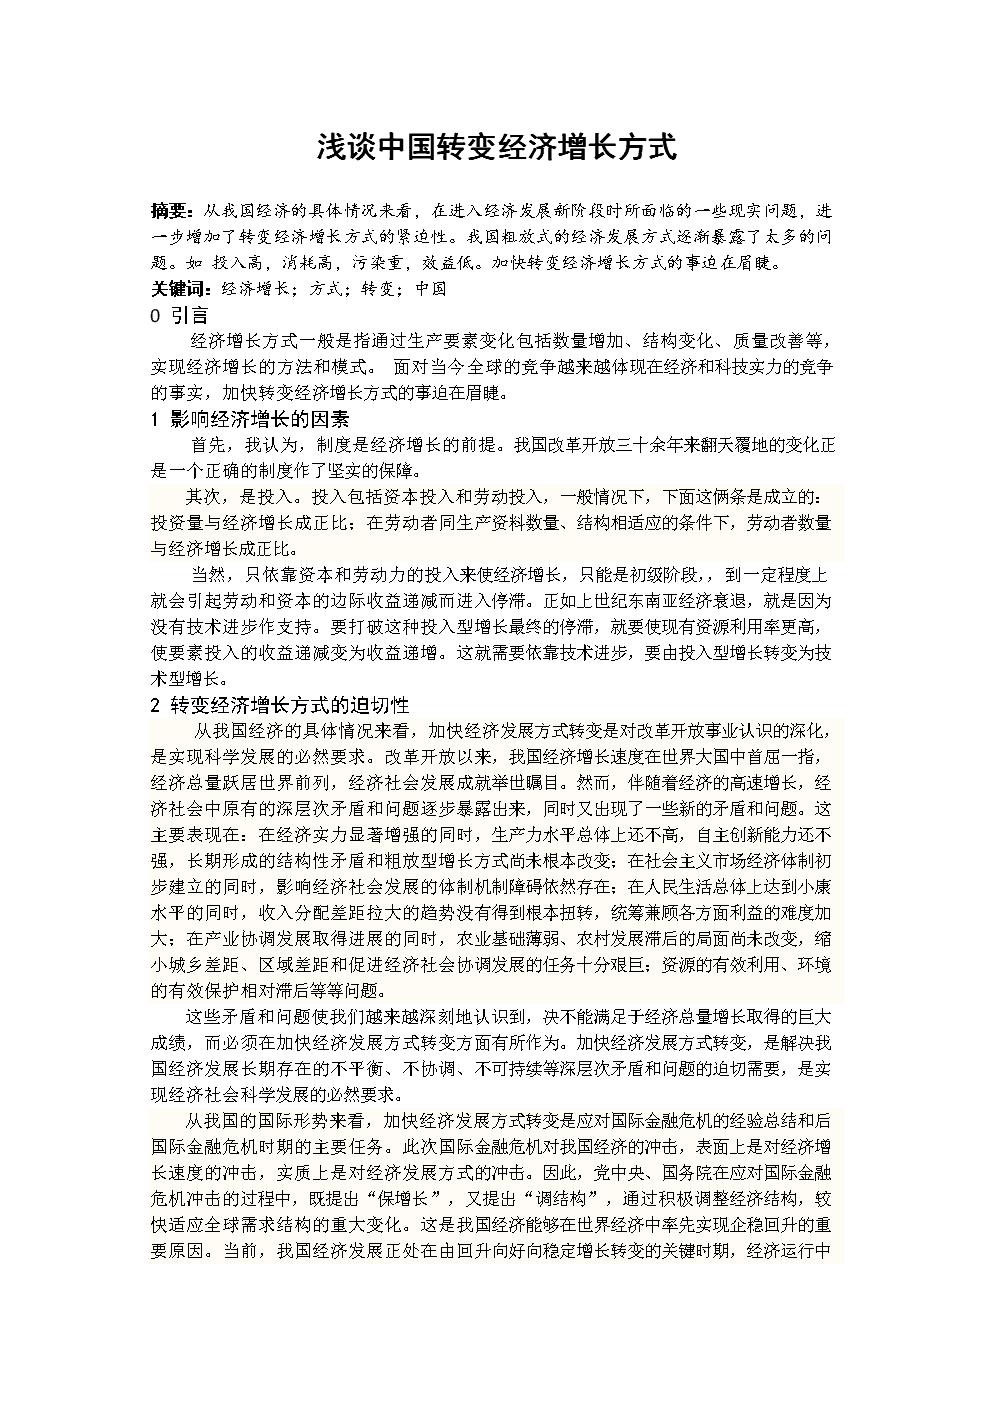 浅谈中国转变经济增长方式.doc